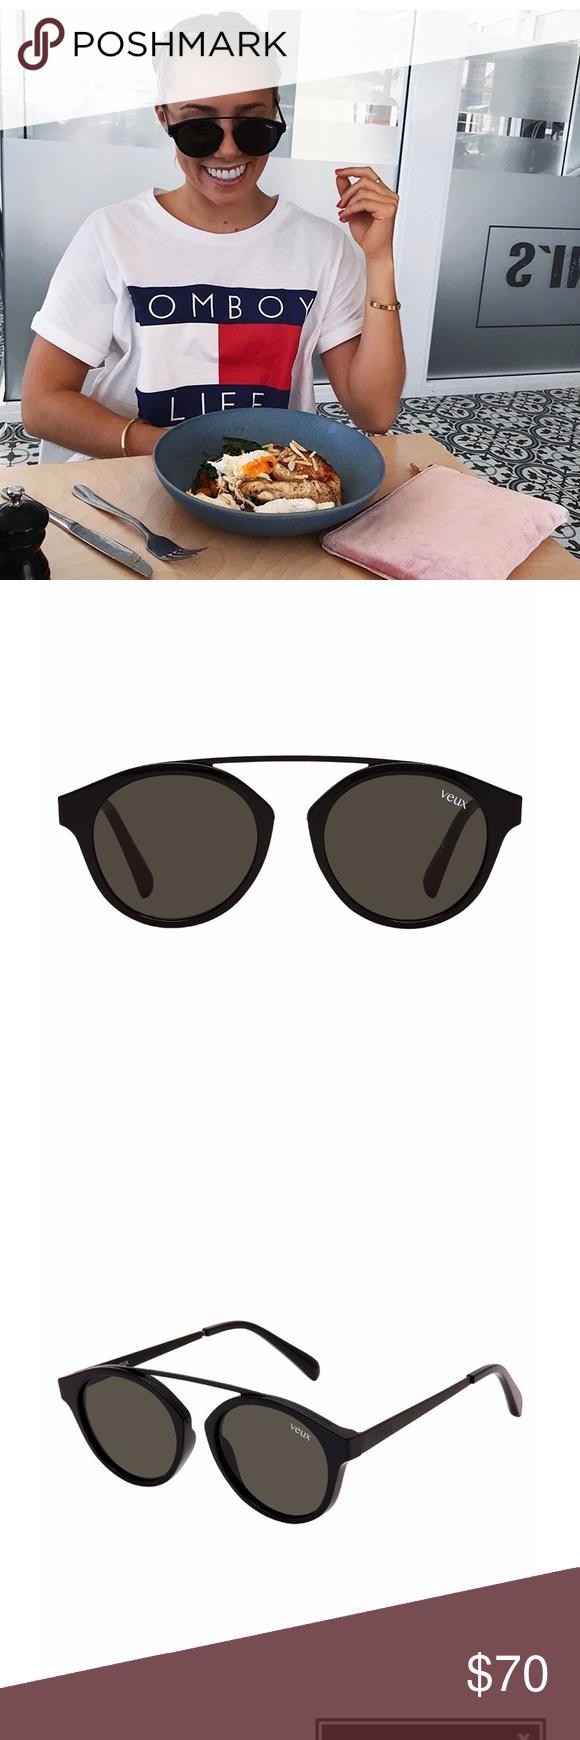 bafc906a9a8 Veux Sunglasses La Ruche Sunglasses Black. Brand new. White Fox Boutique Accessories  Sunglasses